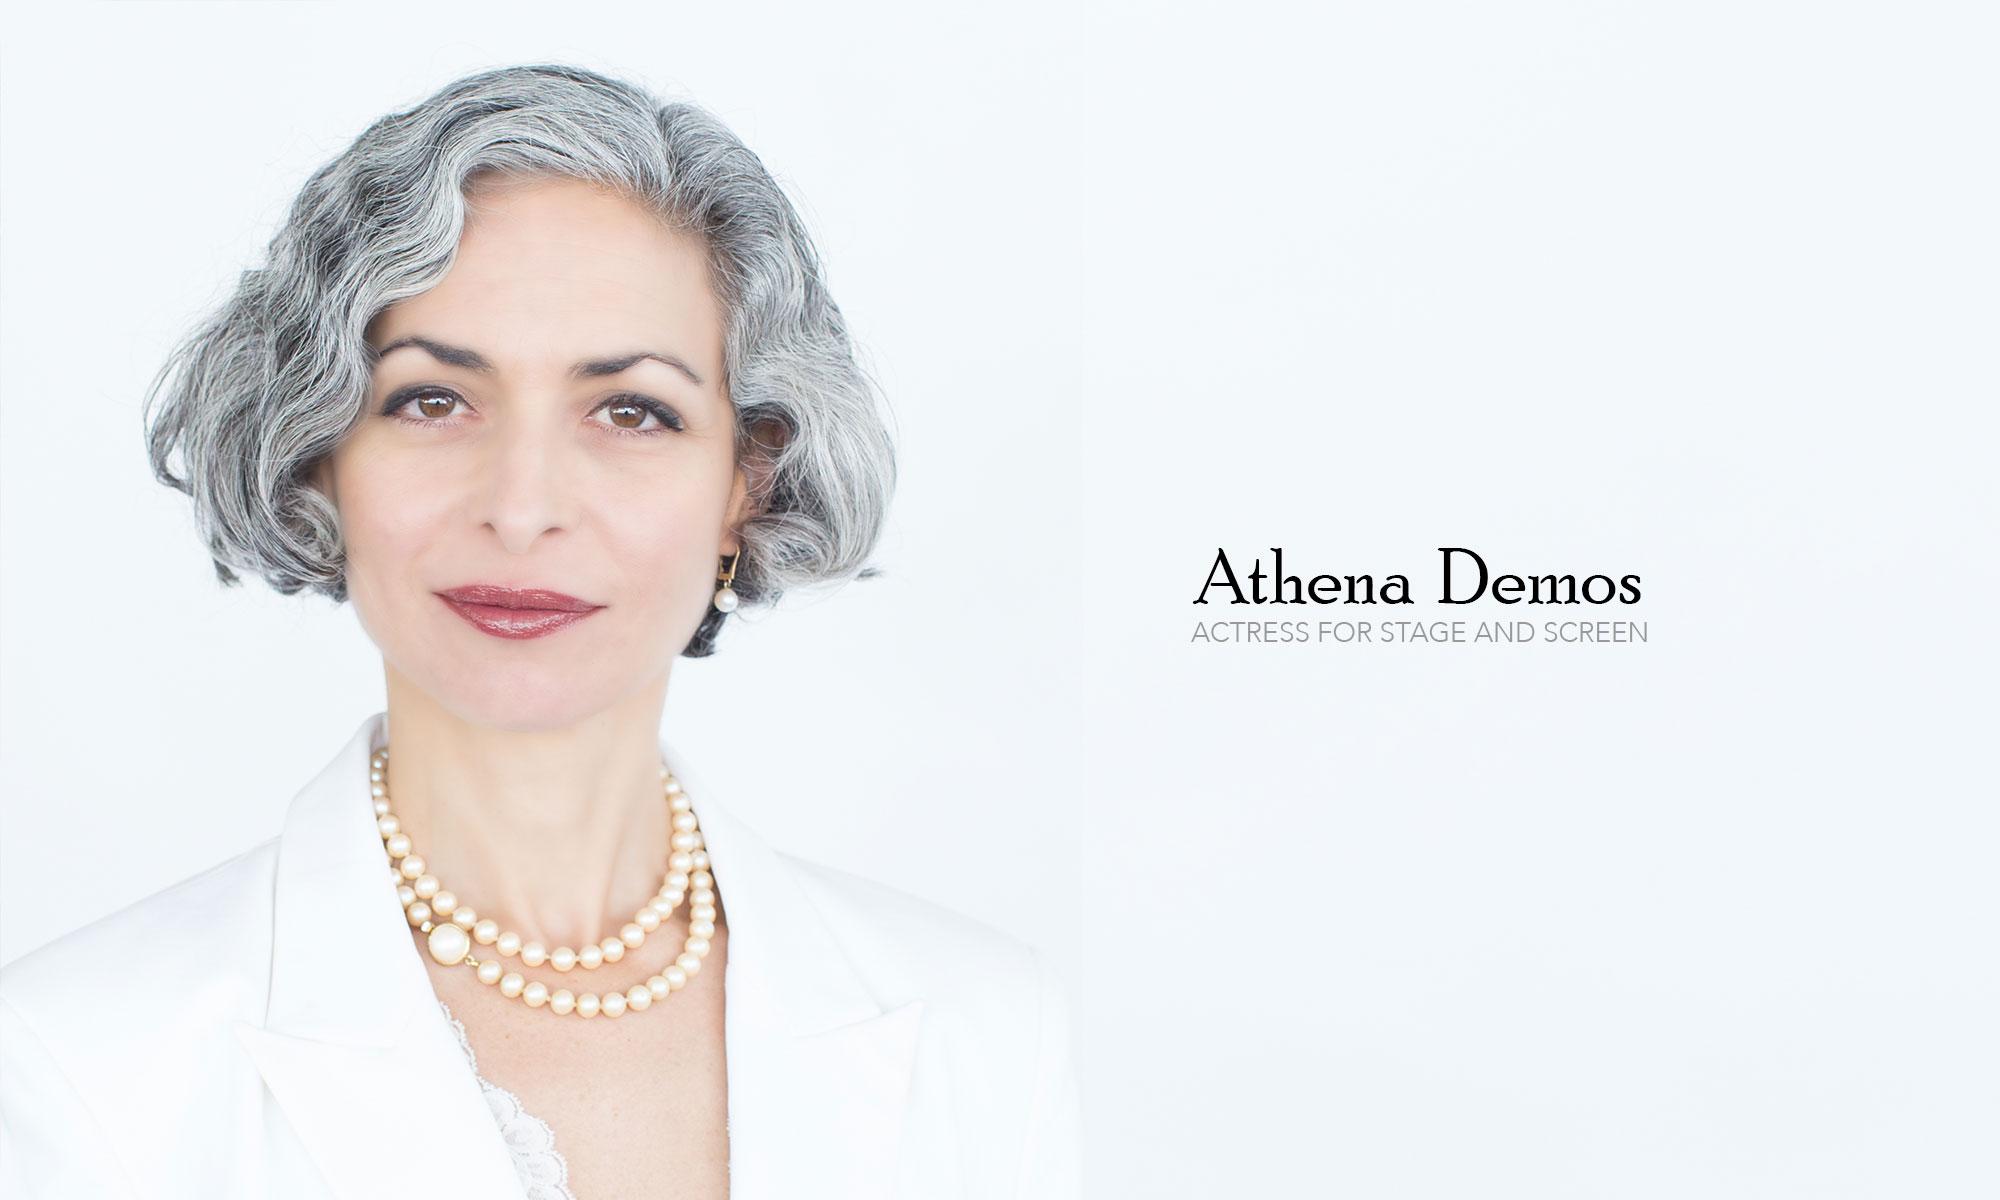 Athena Demos